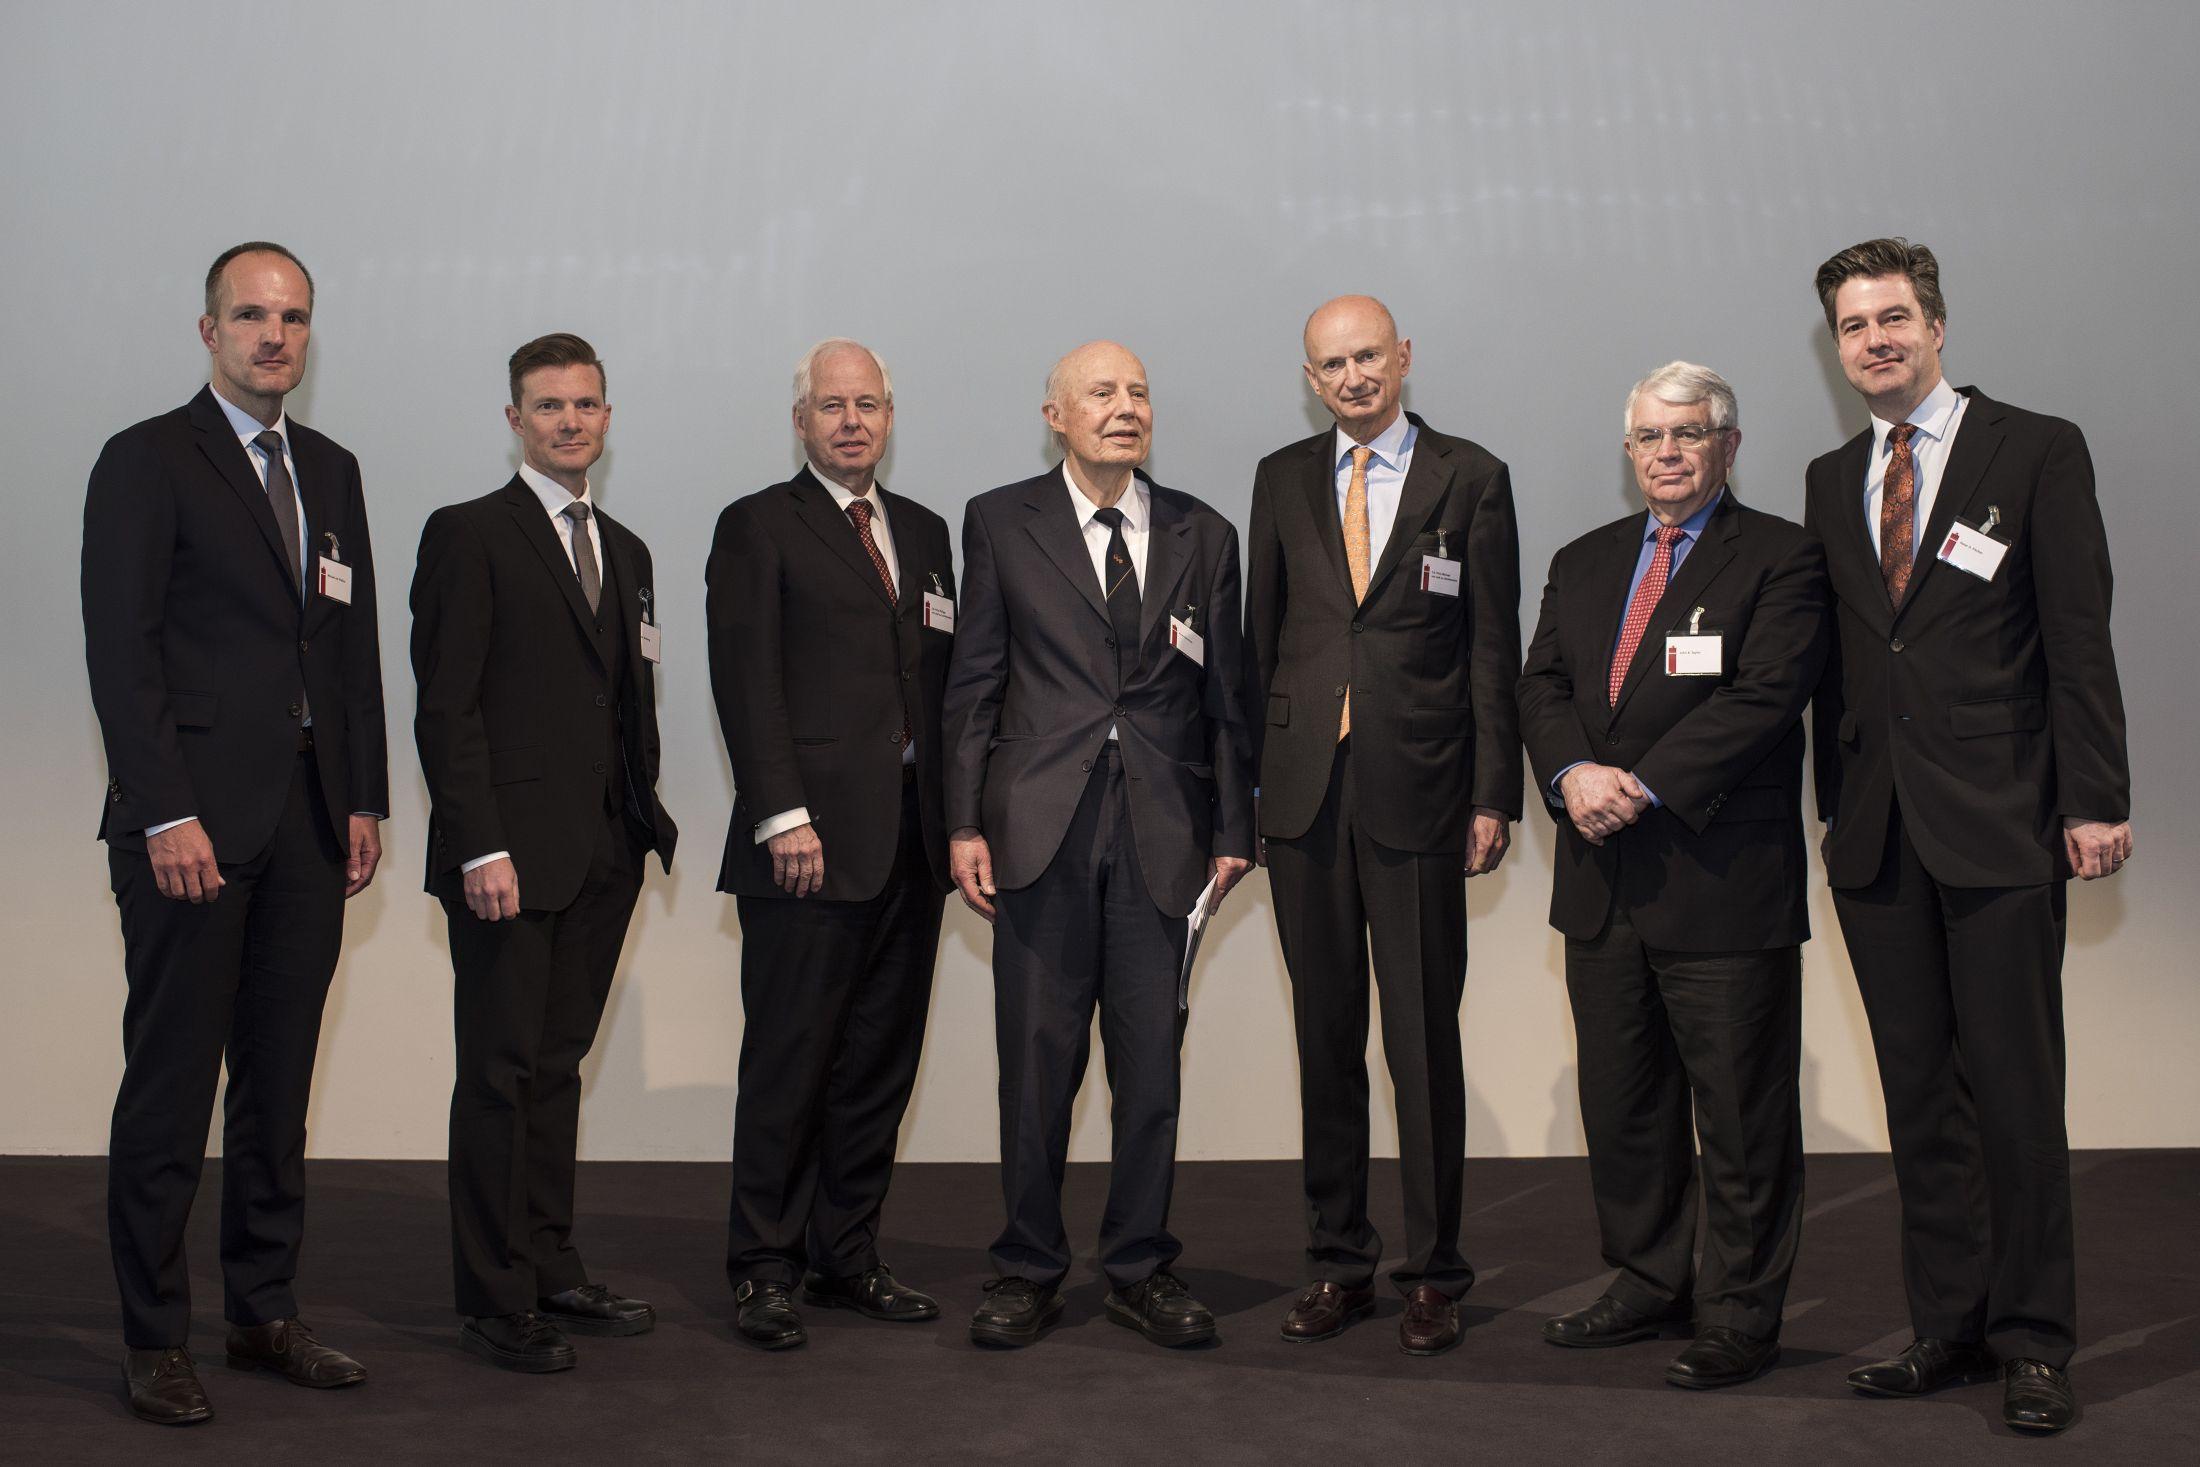 S.D. Prinz Michael von und zu Liechtenstein an der 12. Internationale Gottfried von Haberler Konferenz in Vaduz (Foto: Michael Zanghellini)